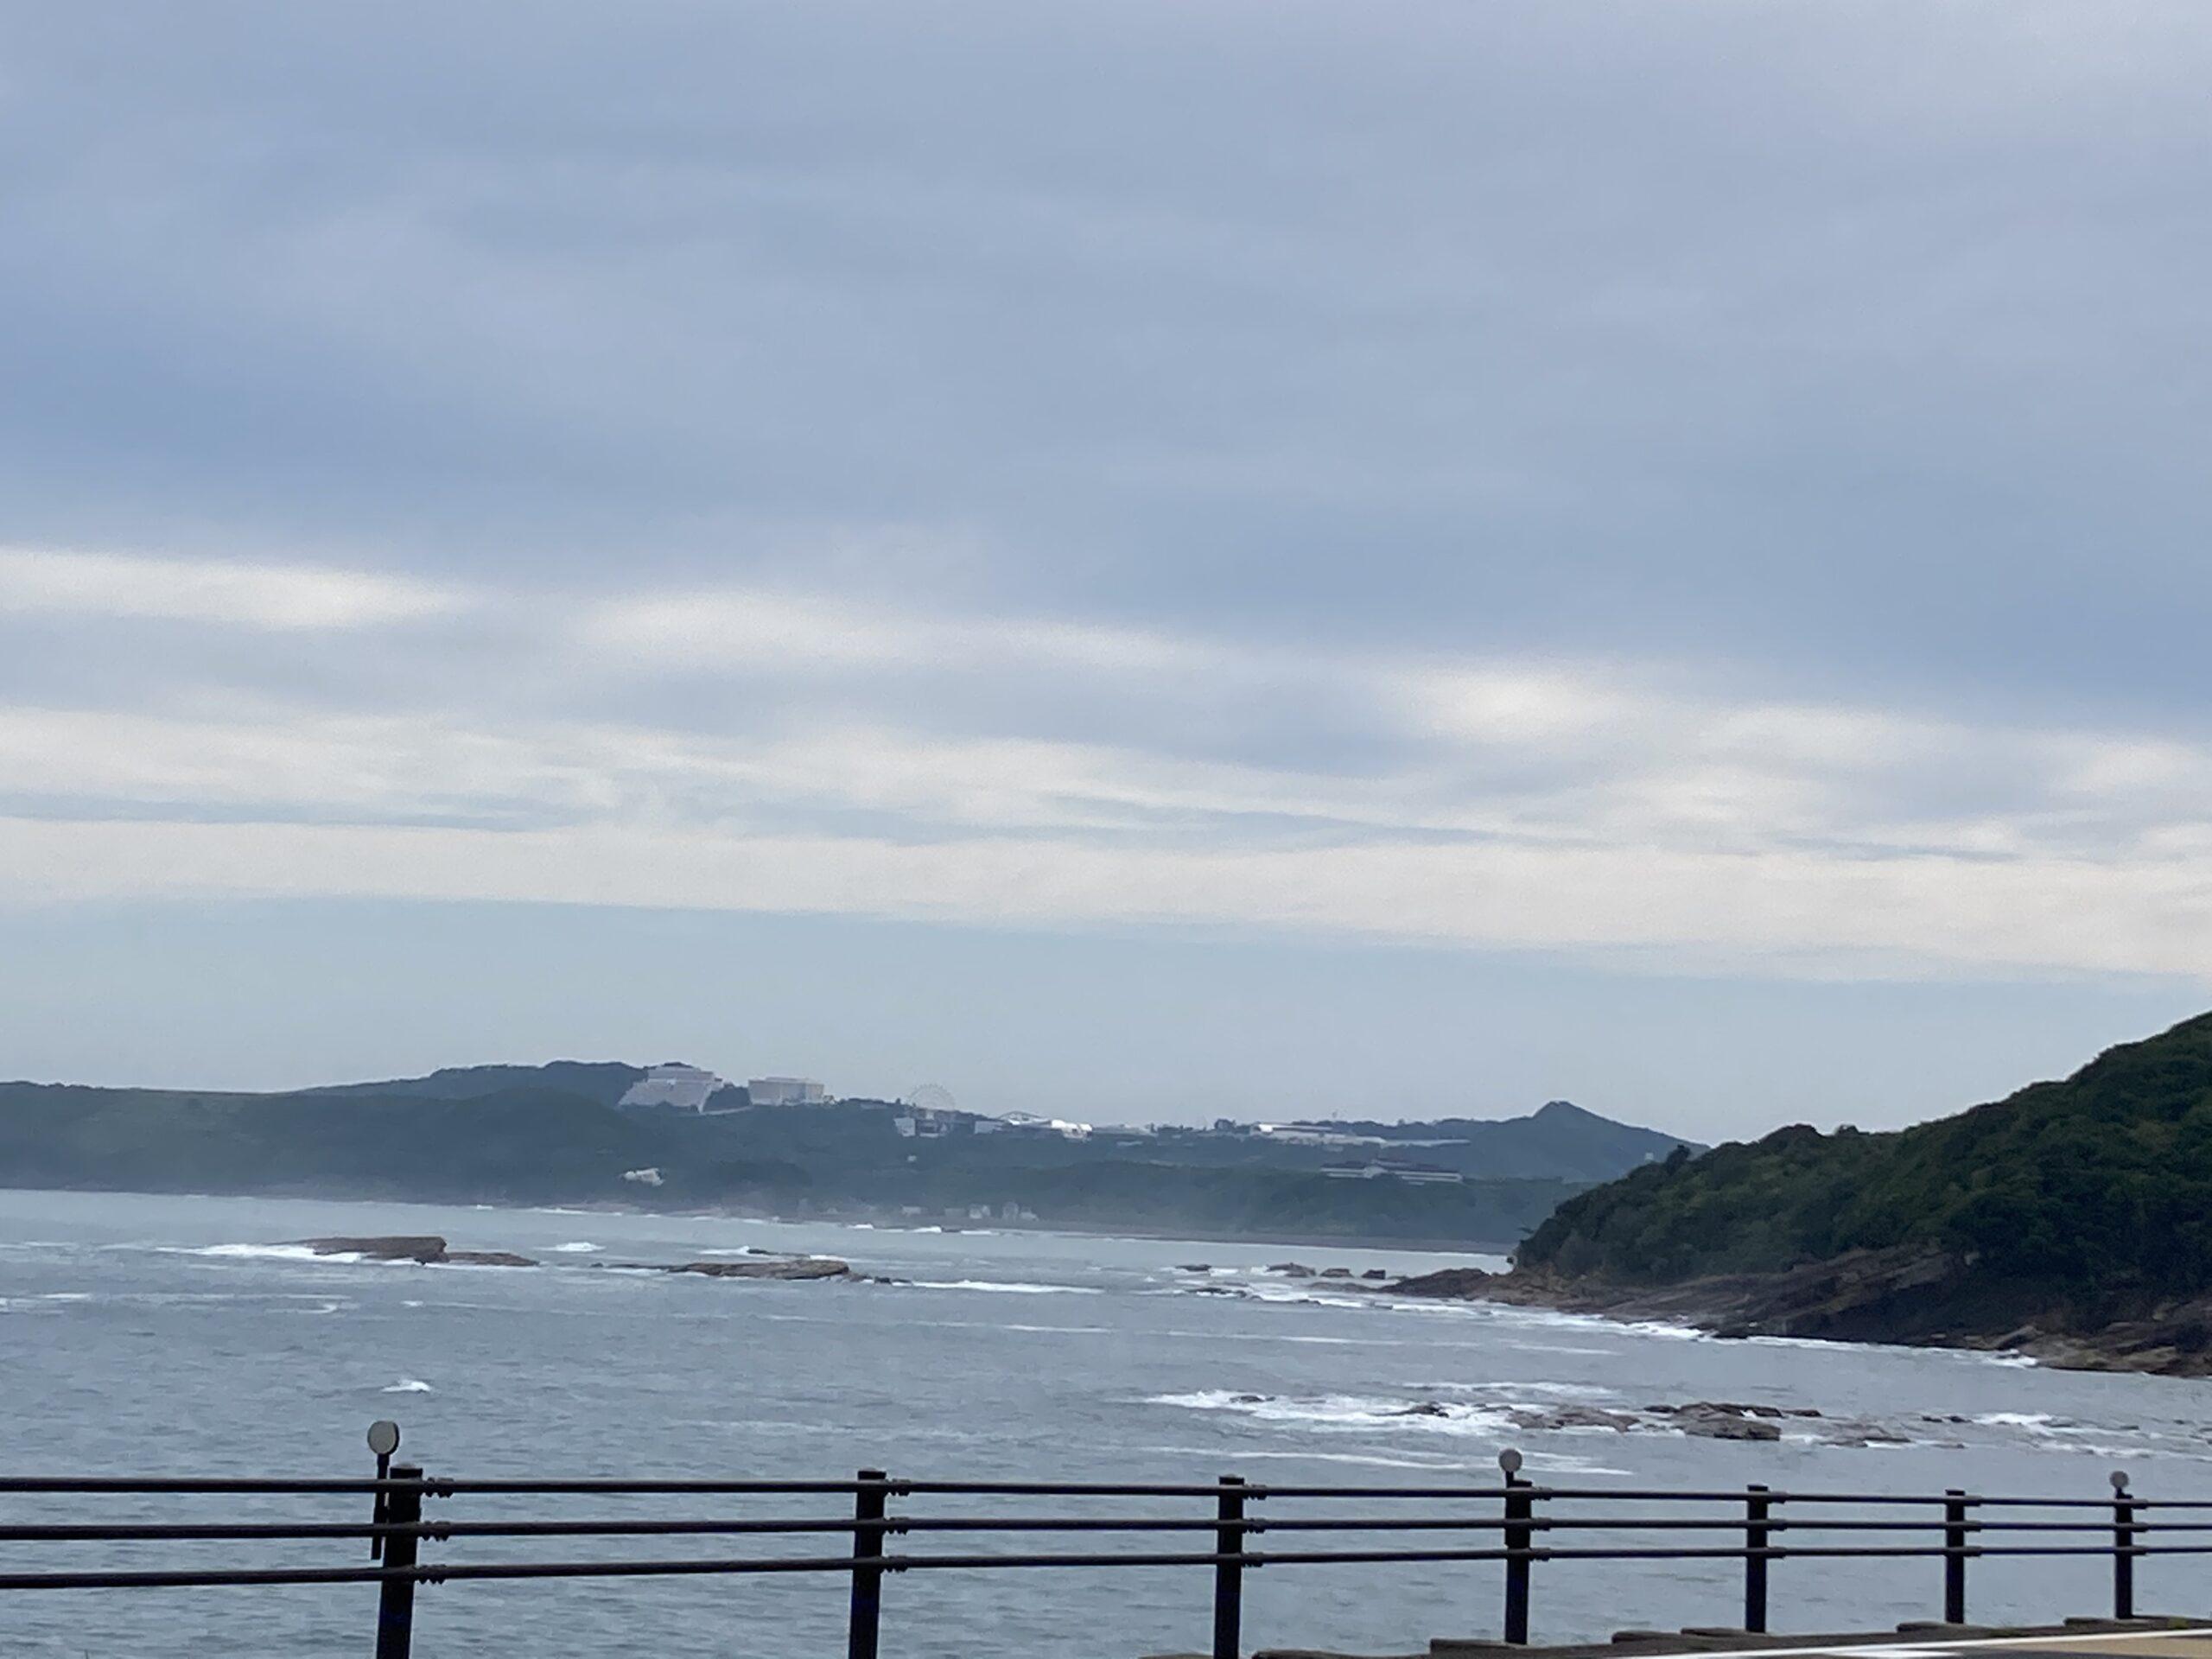 波落ちません!明日の朝は波高めでしょう!